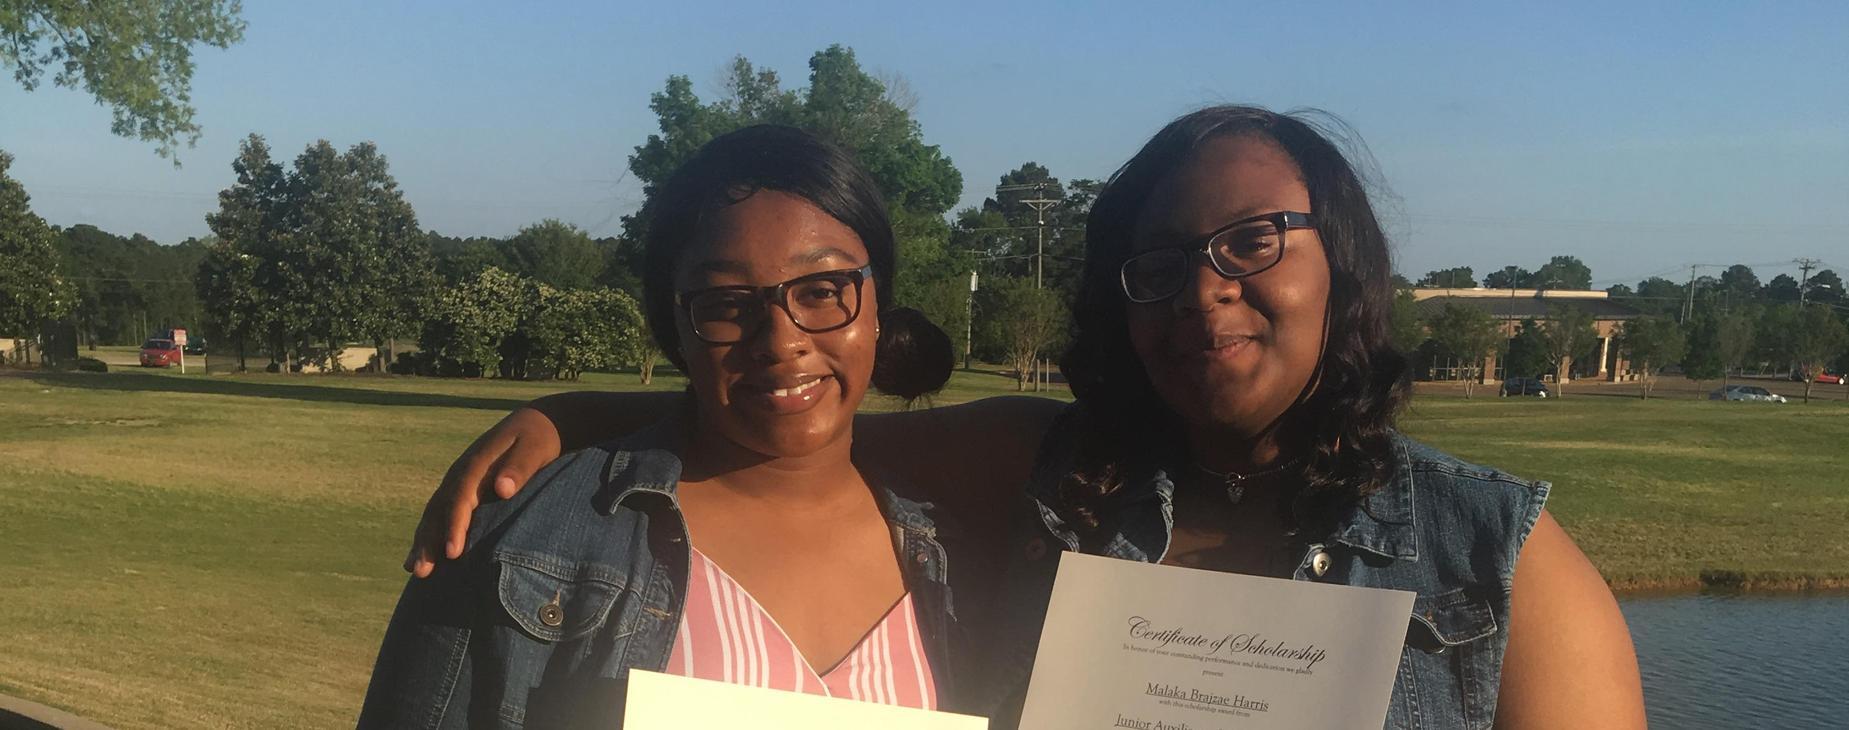 JA Scholarship winners